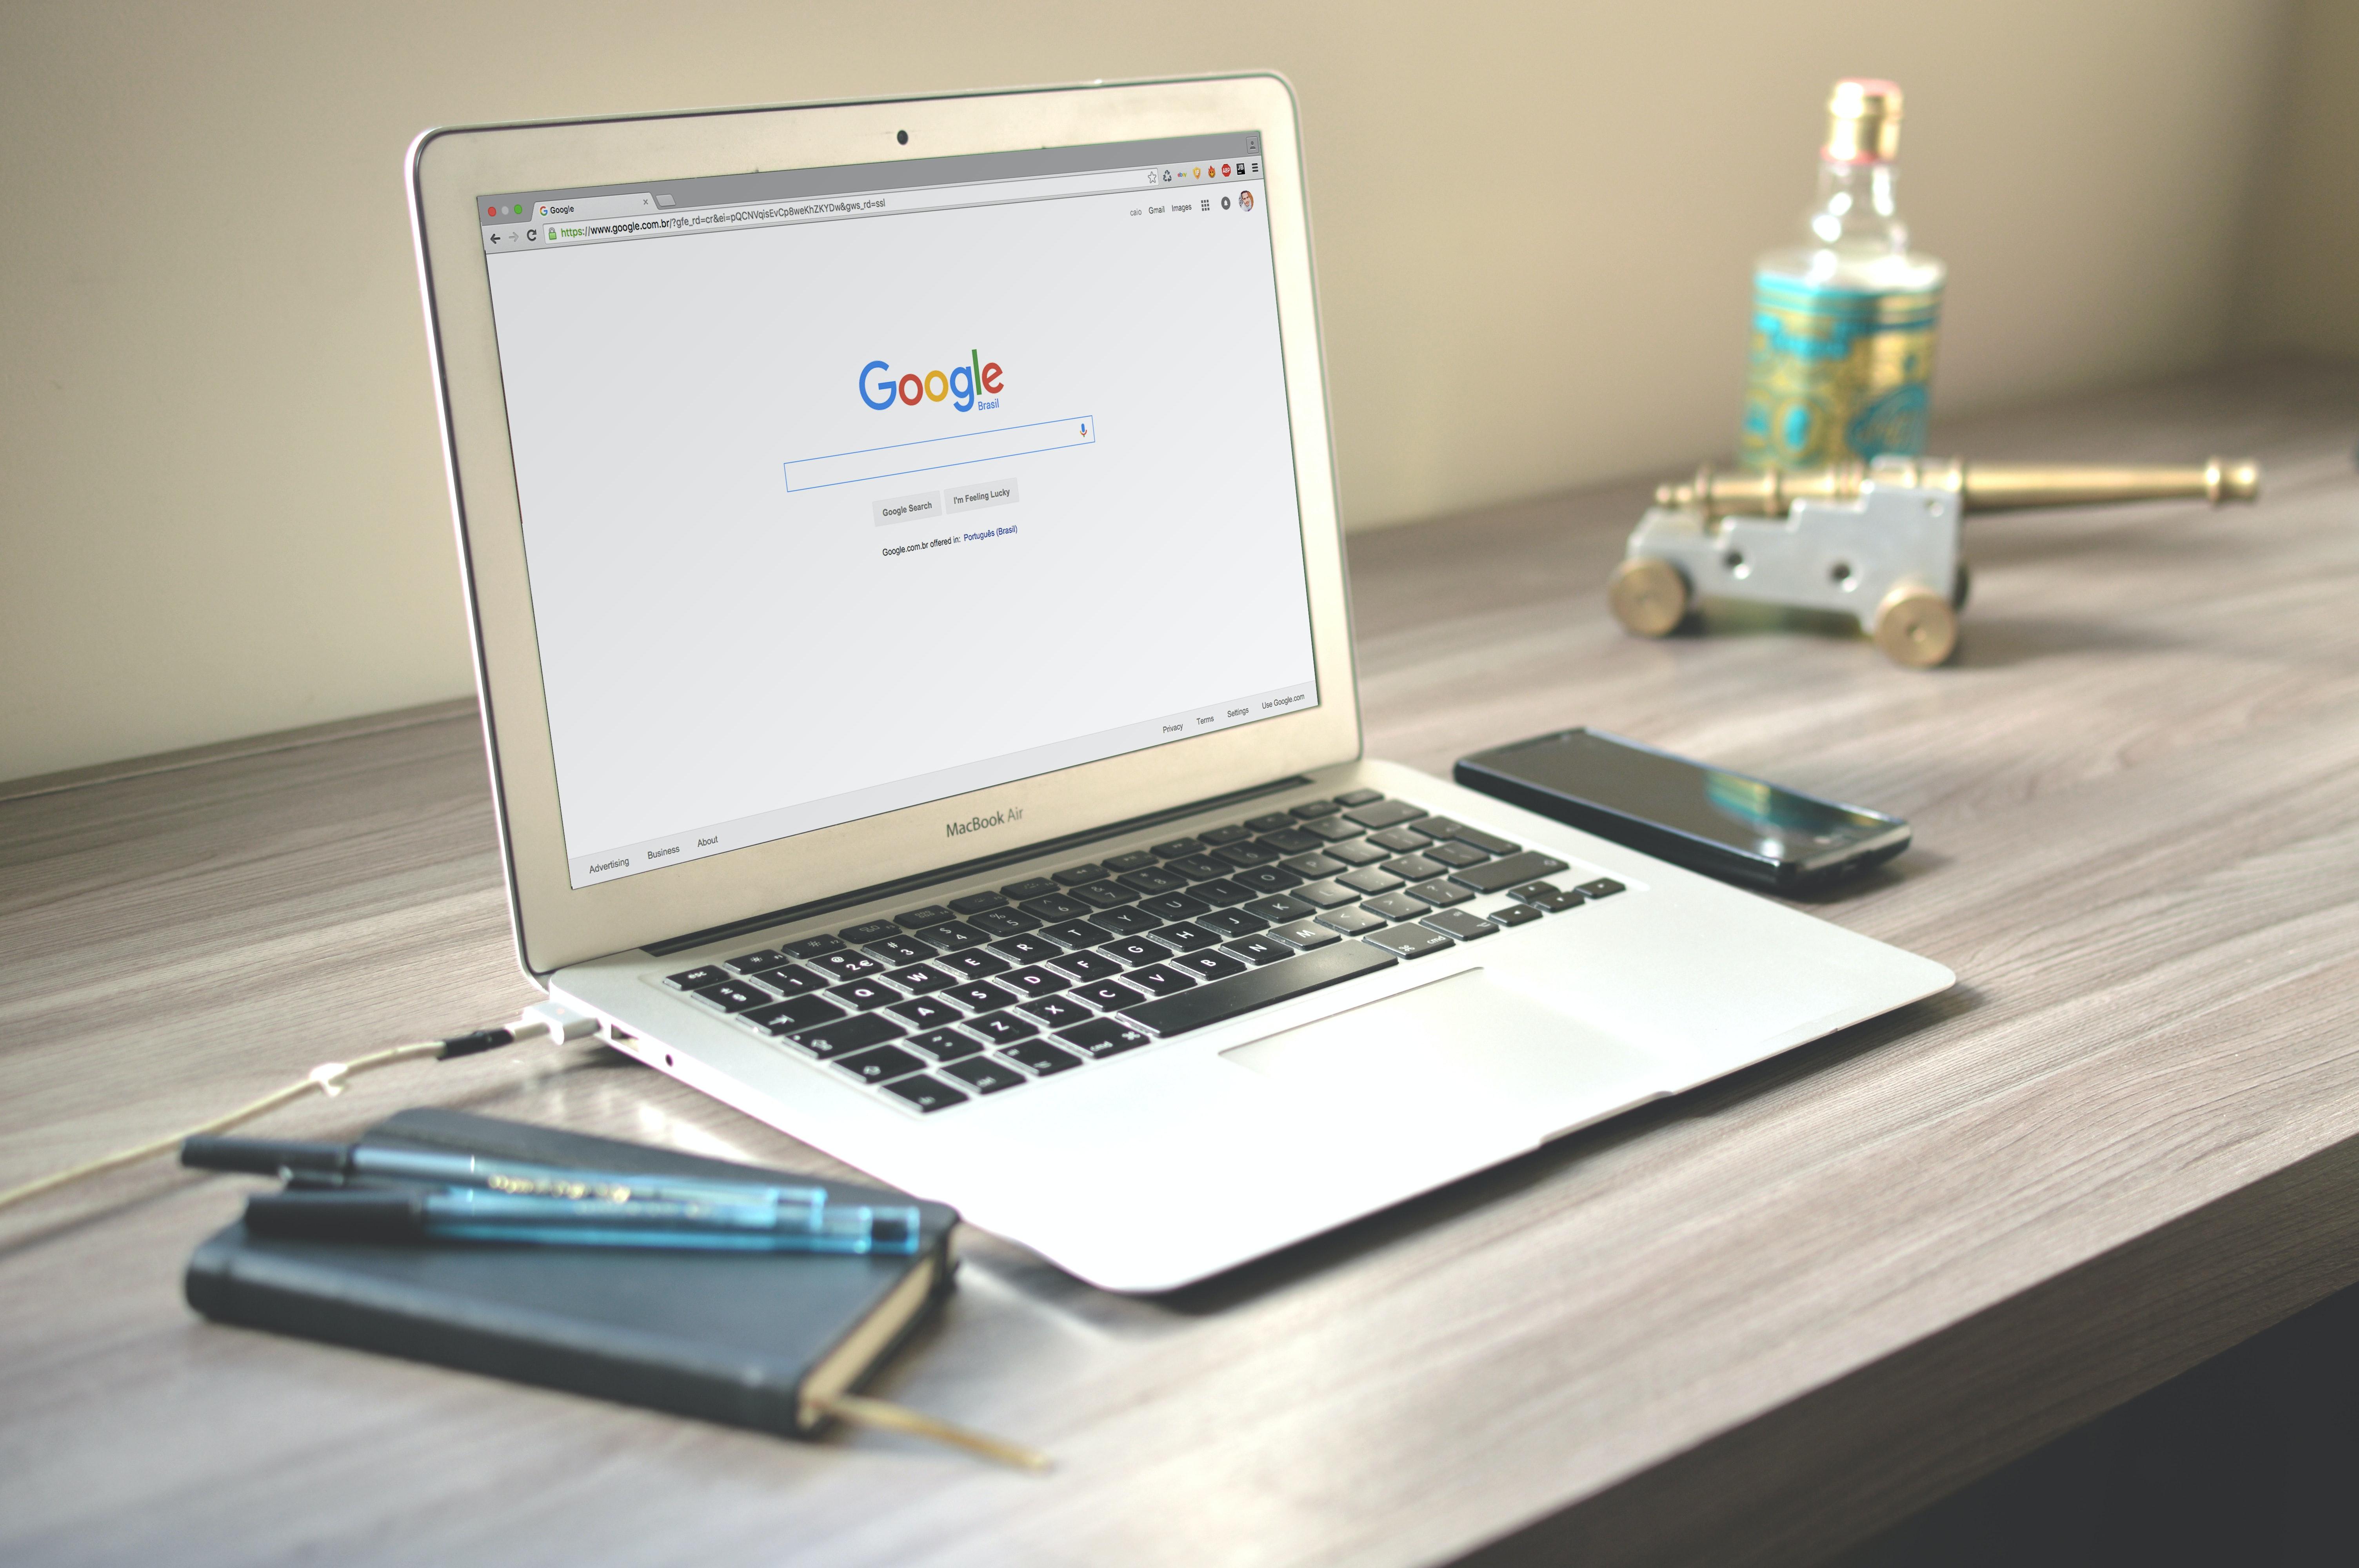 google-search-laptop